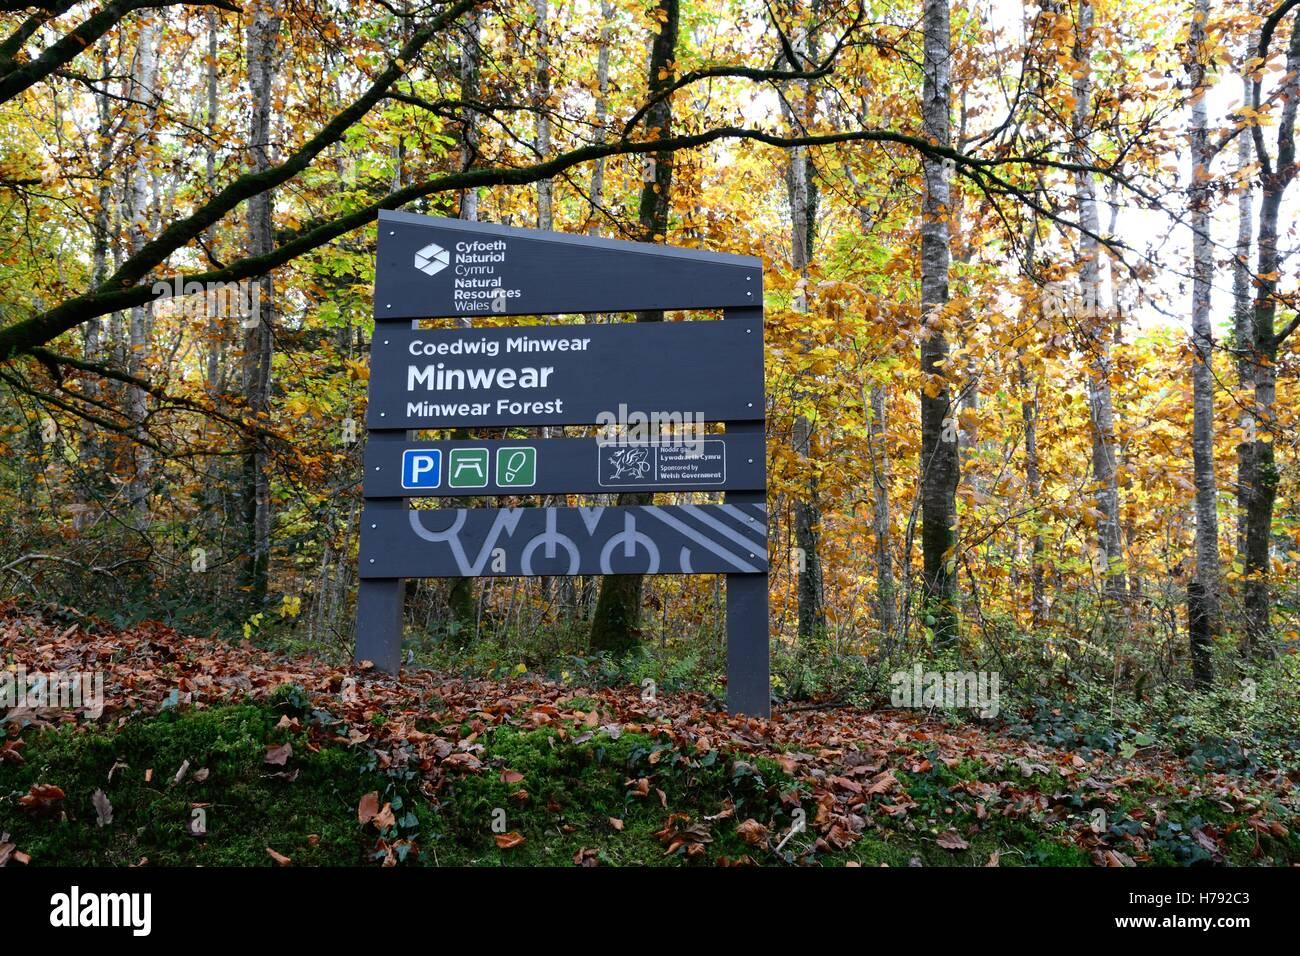 Le risorse naturali del Galles segno Minwear foresta boschi Canaston Pembrokeshire Wales Cymru REGNO UNITO GB Immagini Stock